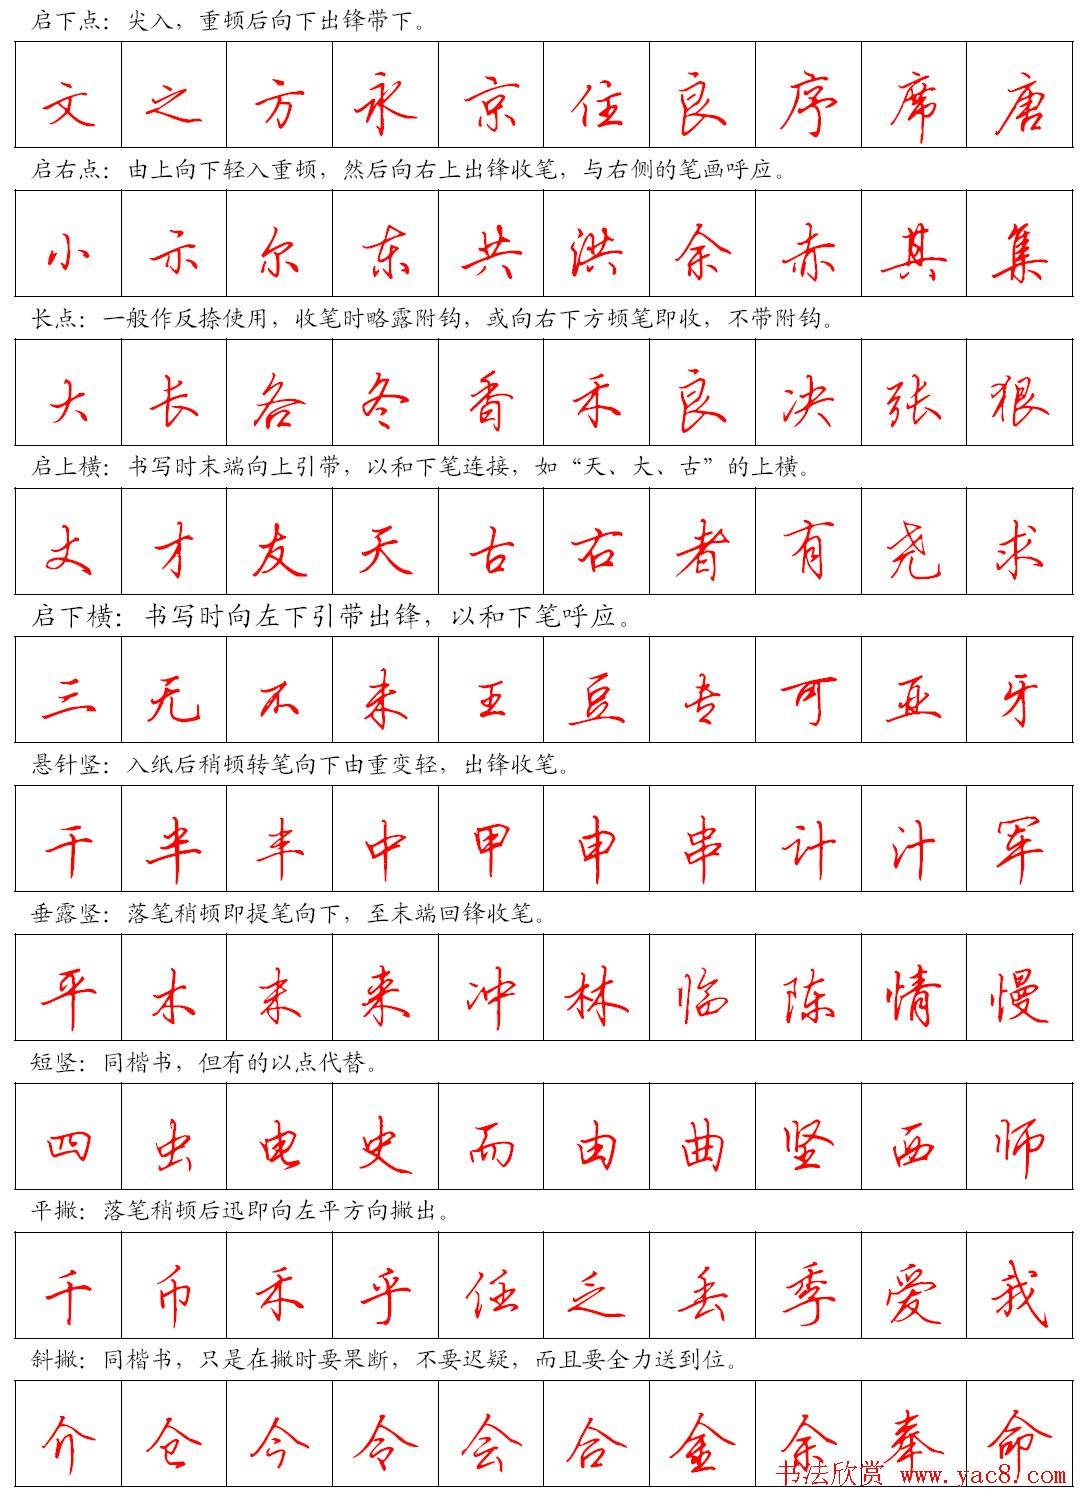 钢笔书法字帖_钢笔书法设计图